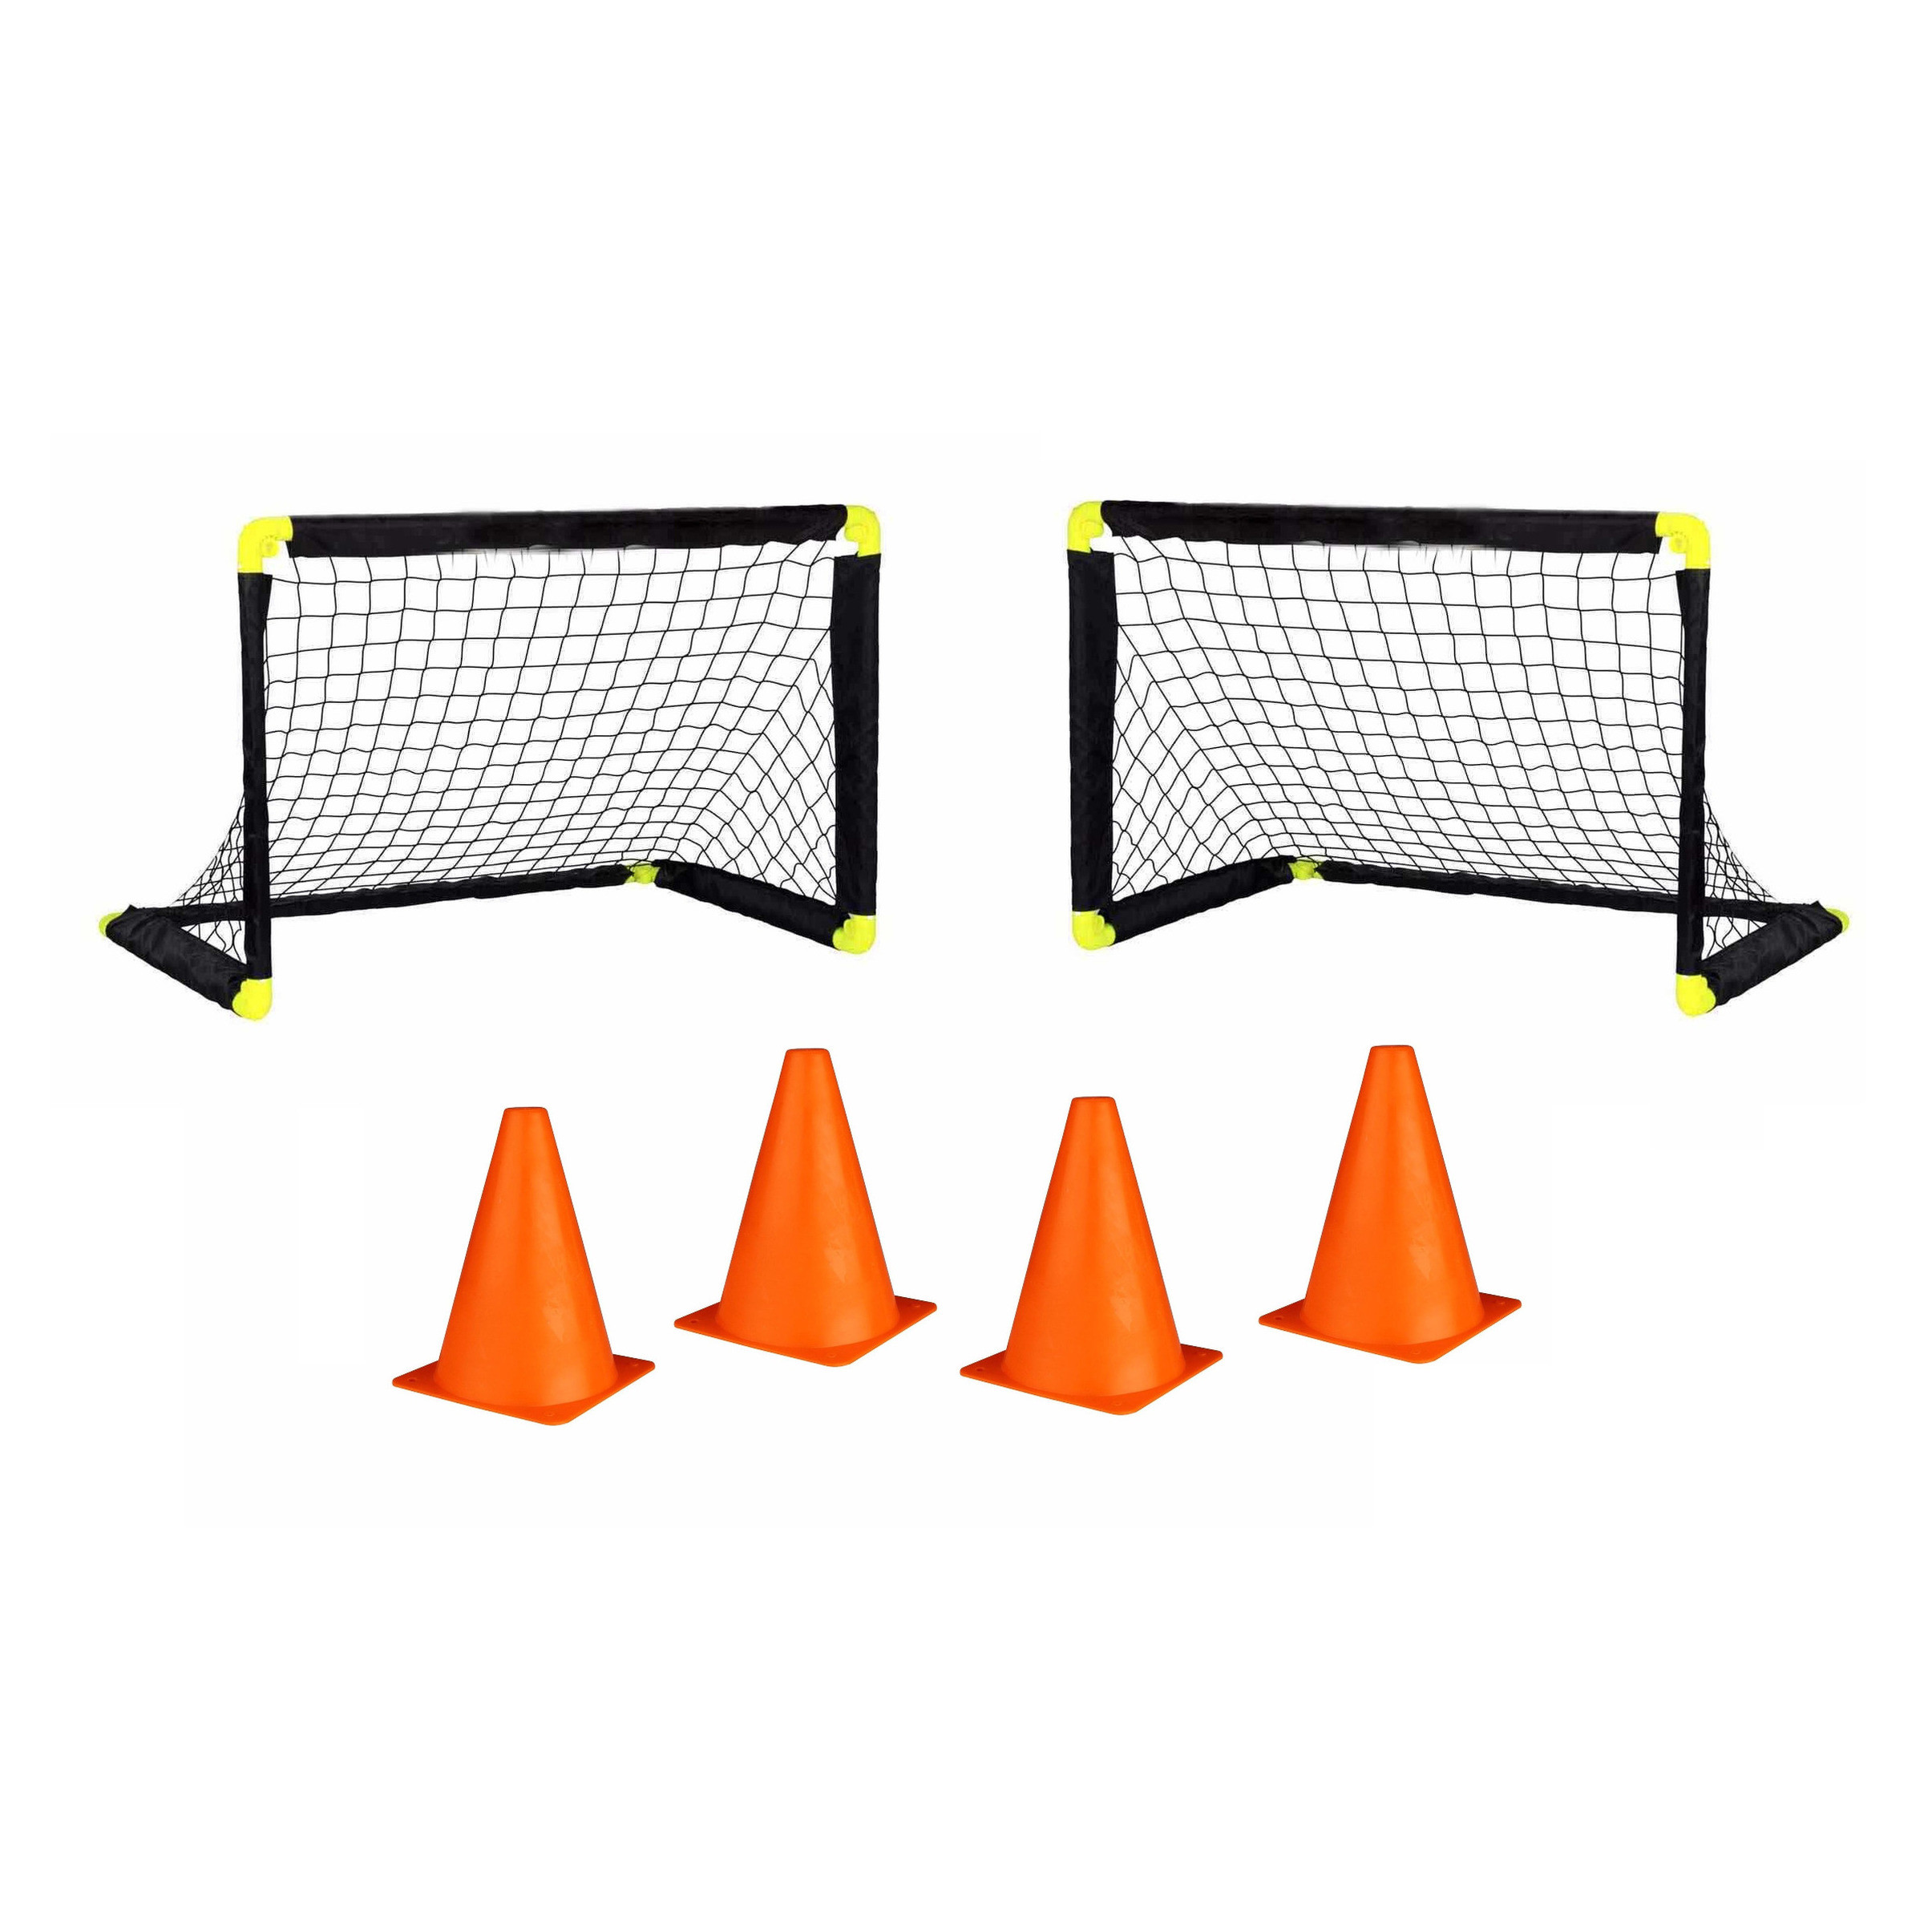 2x voetbal goals/doelen set met 4 oranje pionnen